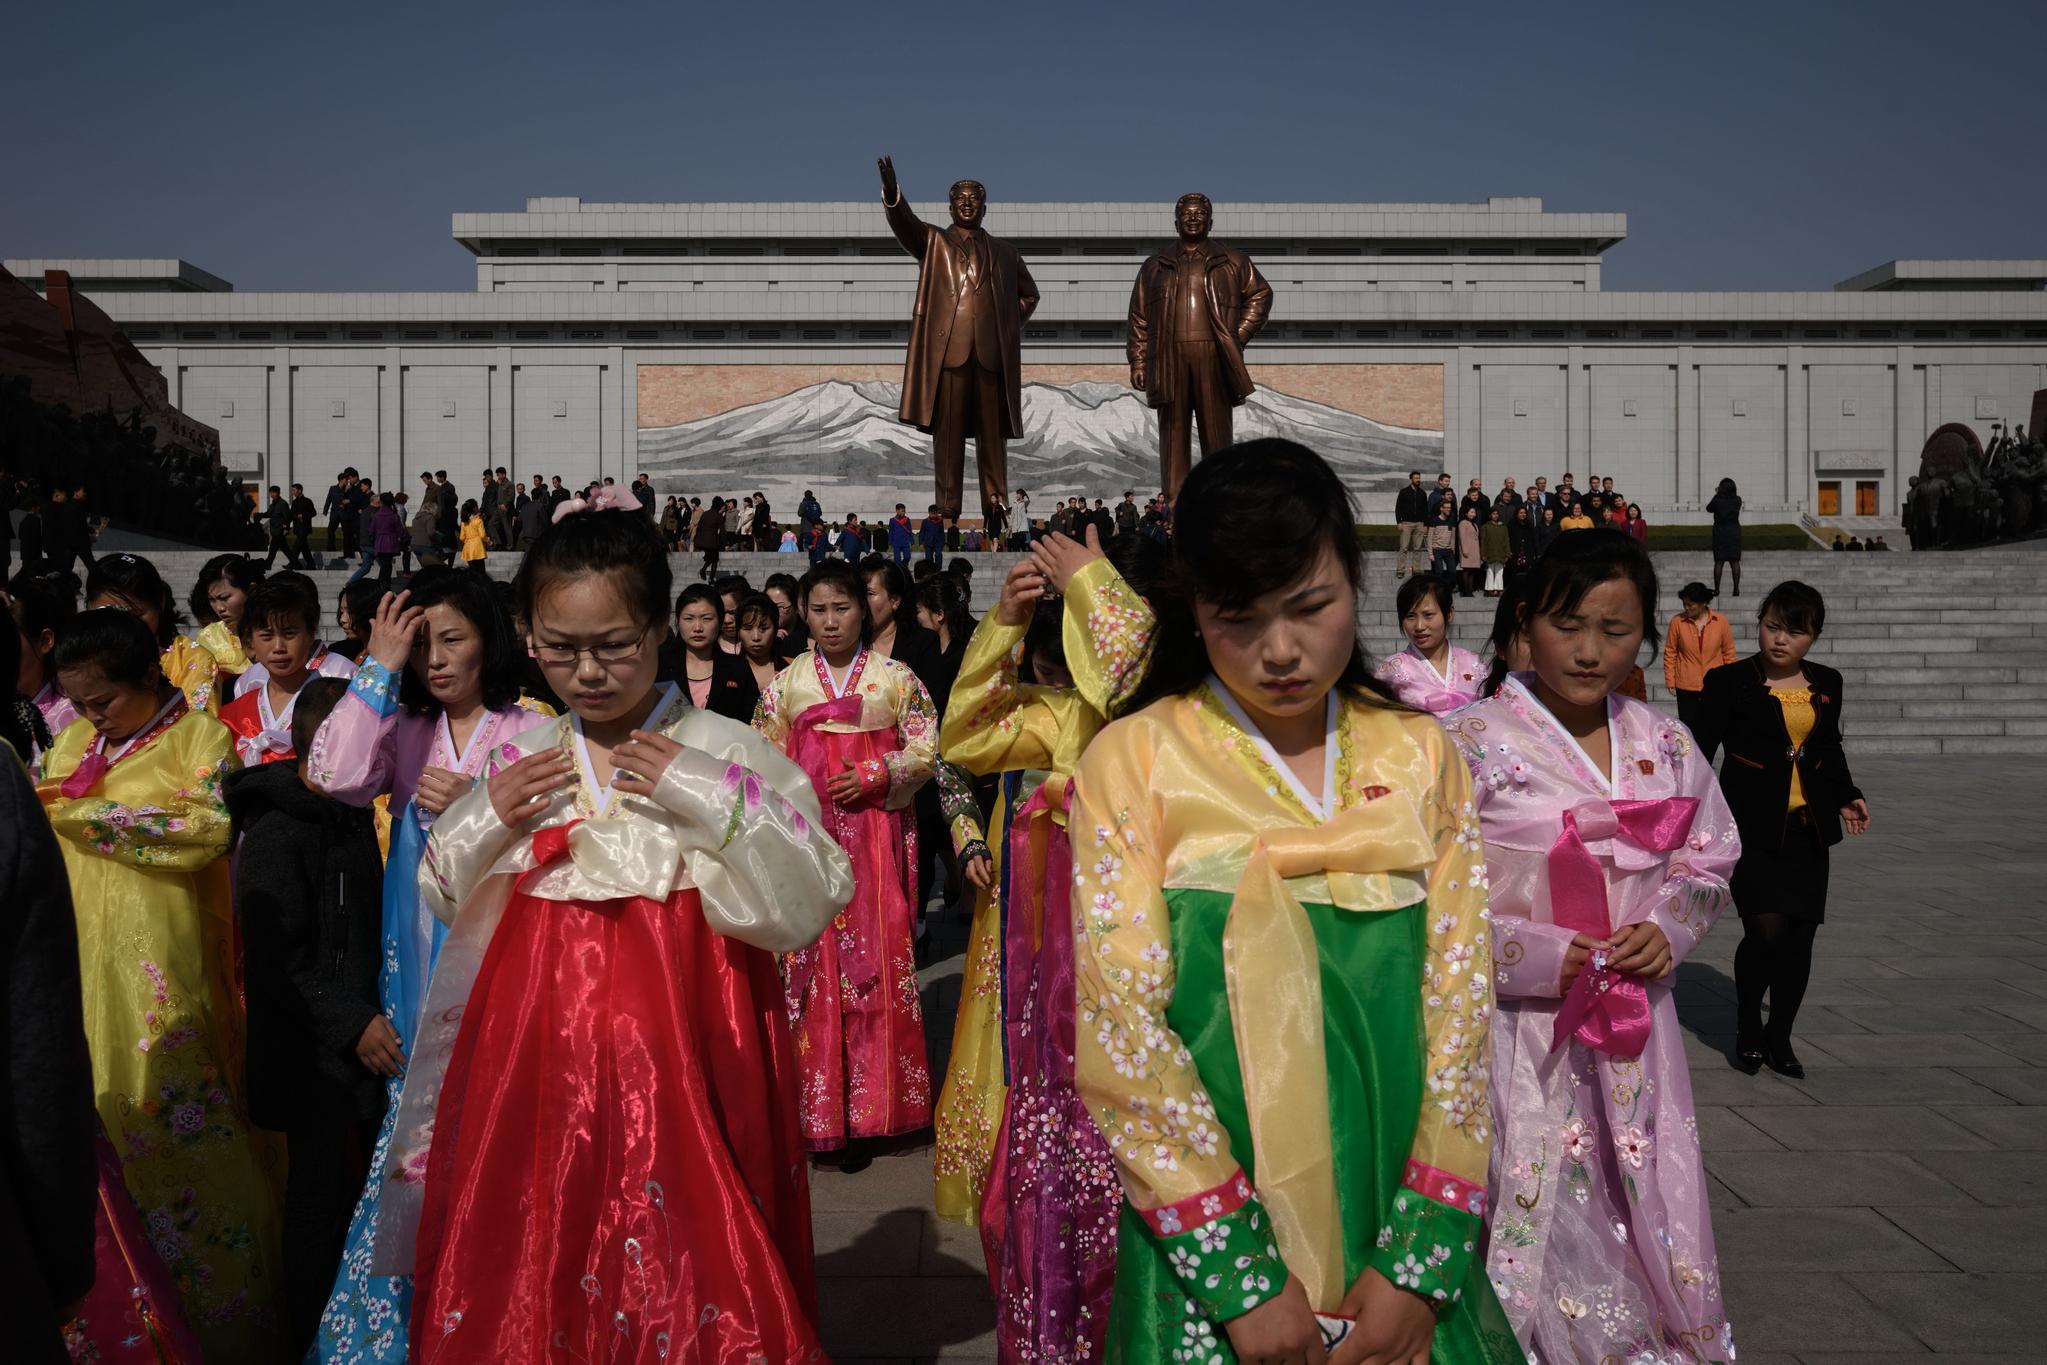 한복을 입은 북한 여성들이 '태양절'인 15일 만수대에서 김일성 김정일 동상을 참배한 뒤 돌아나오고 있다. [AFP=연합뉴스]